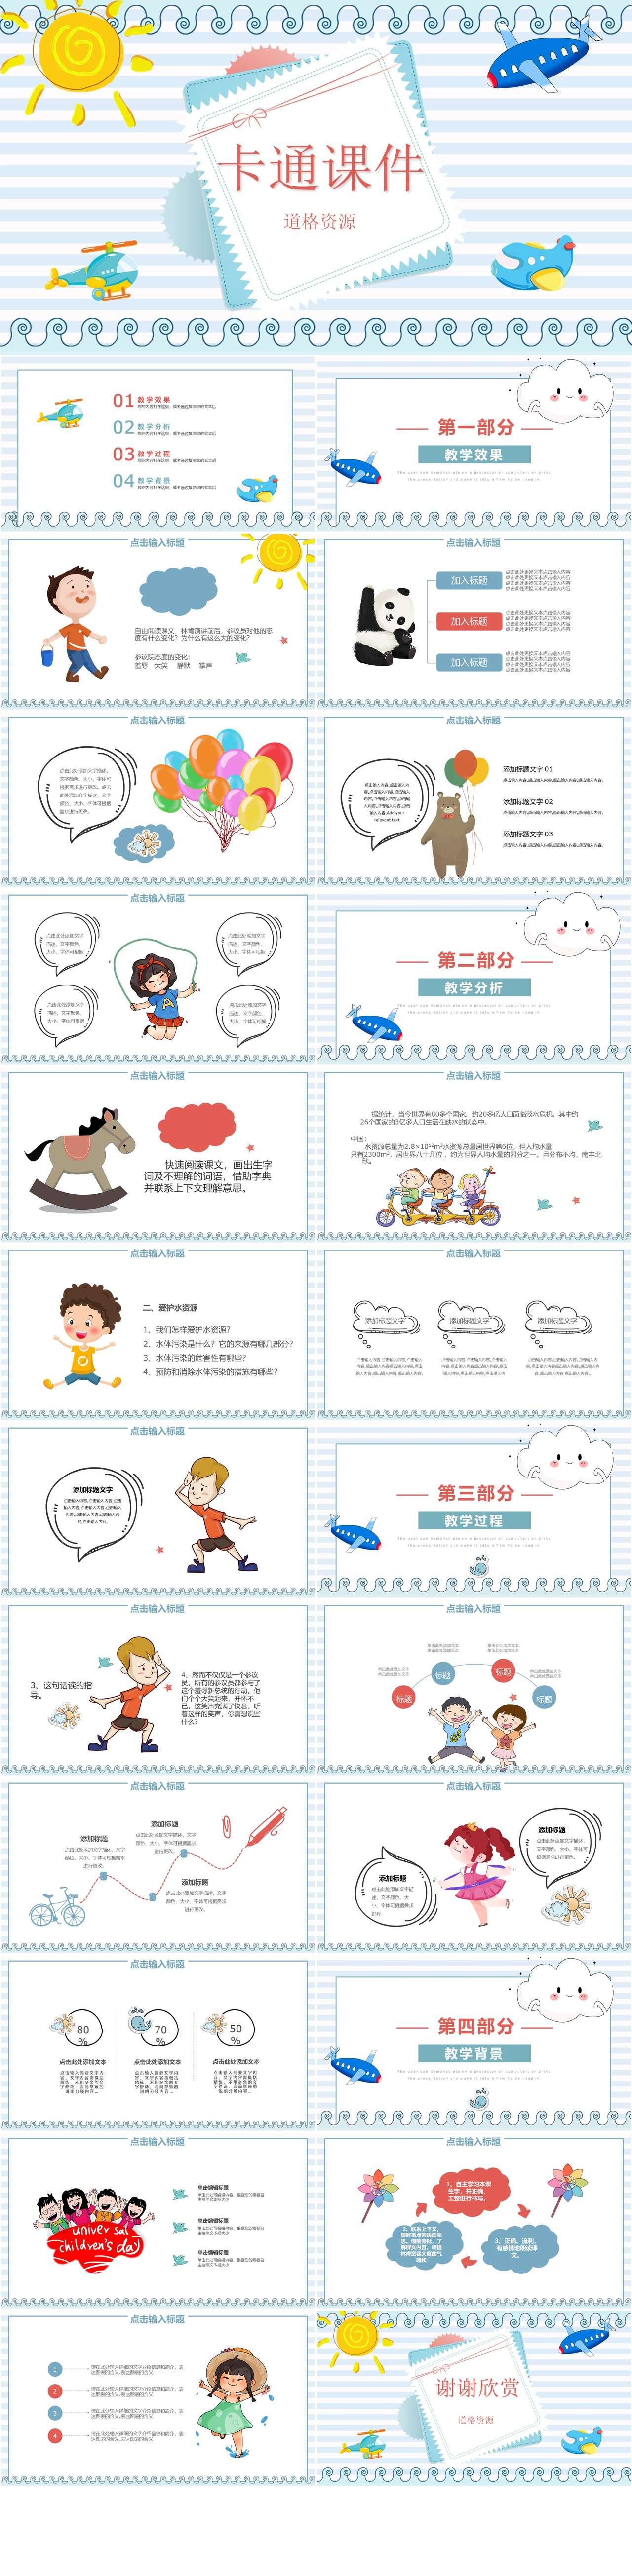 蓝色卡通风教学课件通用课件PPT模板插图1